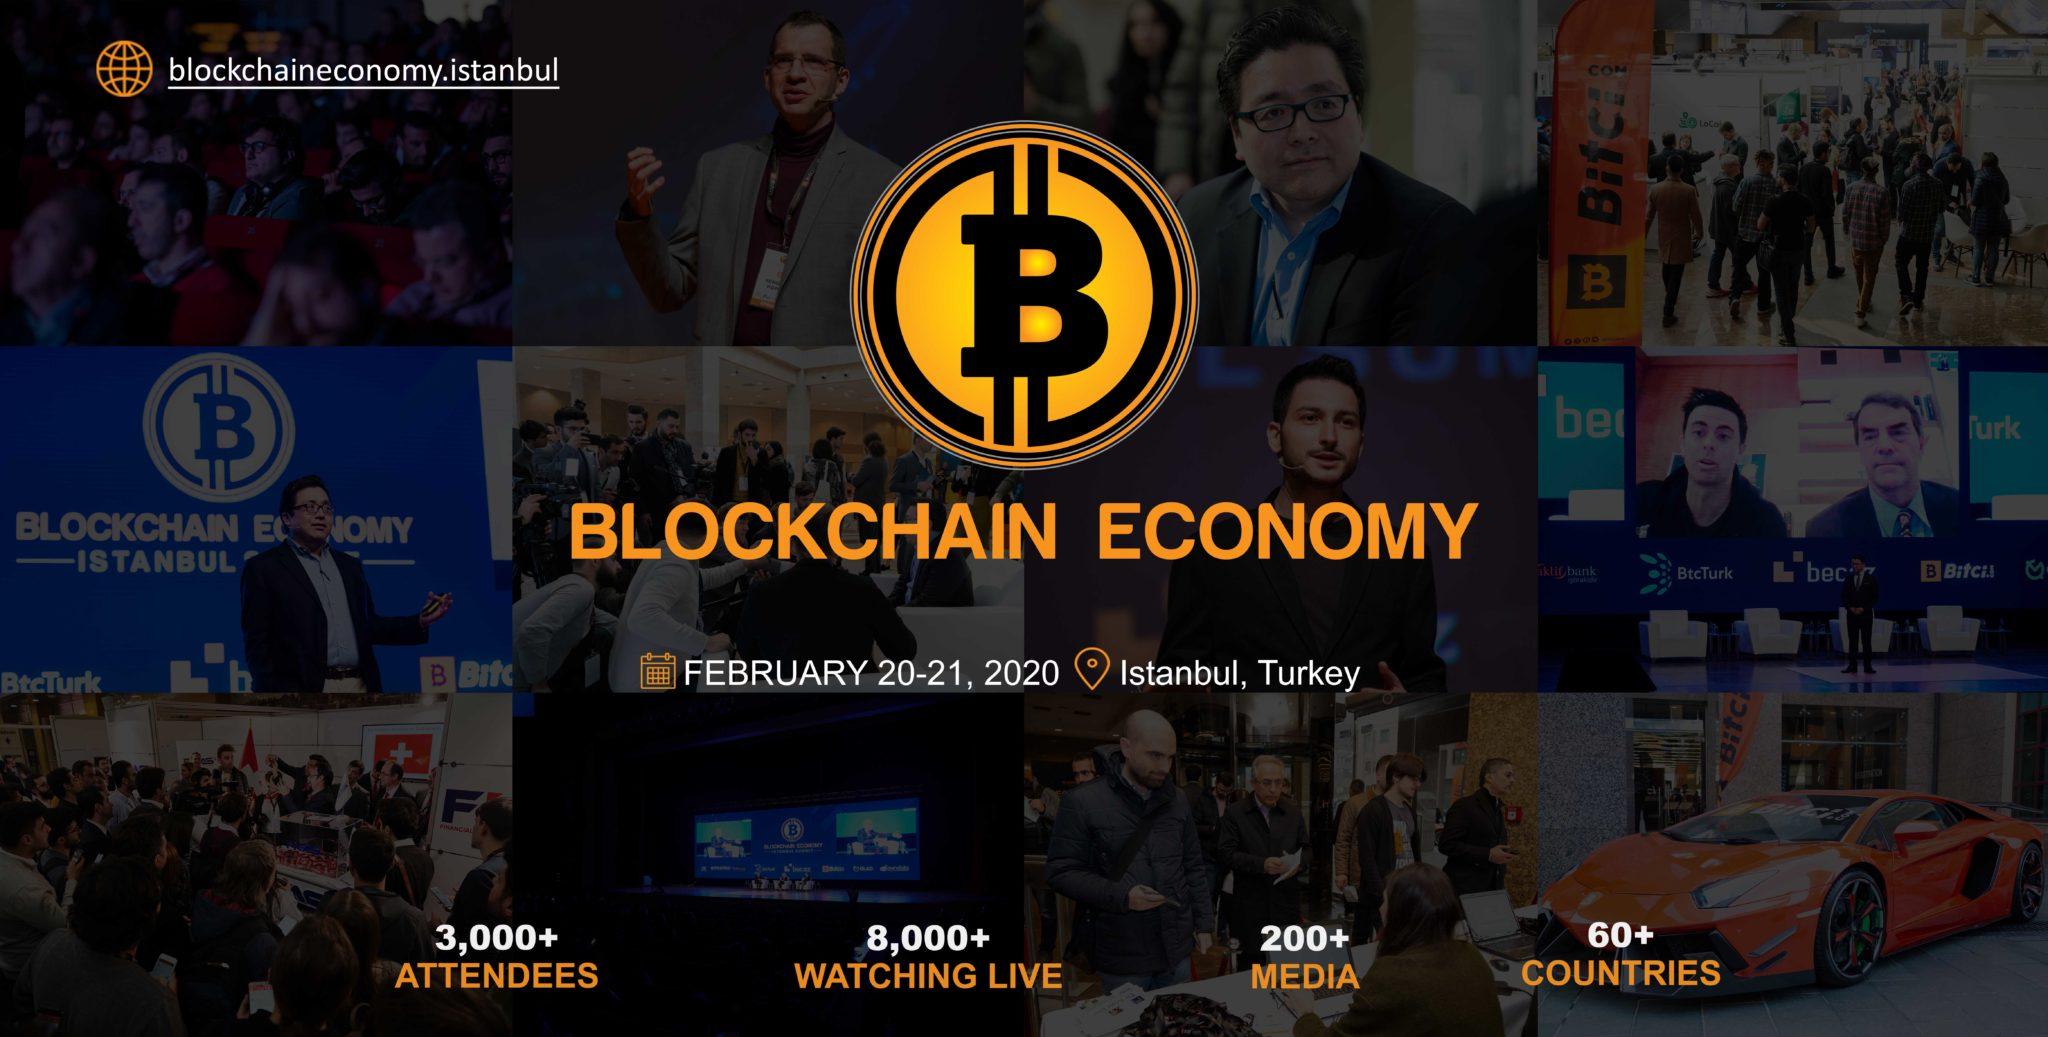 حضور در کنفرانس اقتصاد بلاک چین استانبول در کنار برترین چهرههای این حوزه را از دست ندهید!